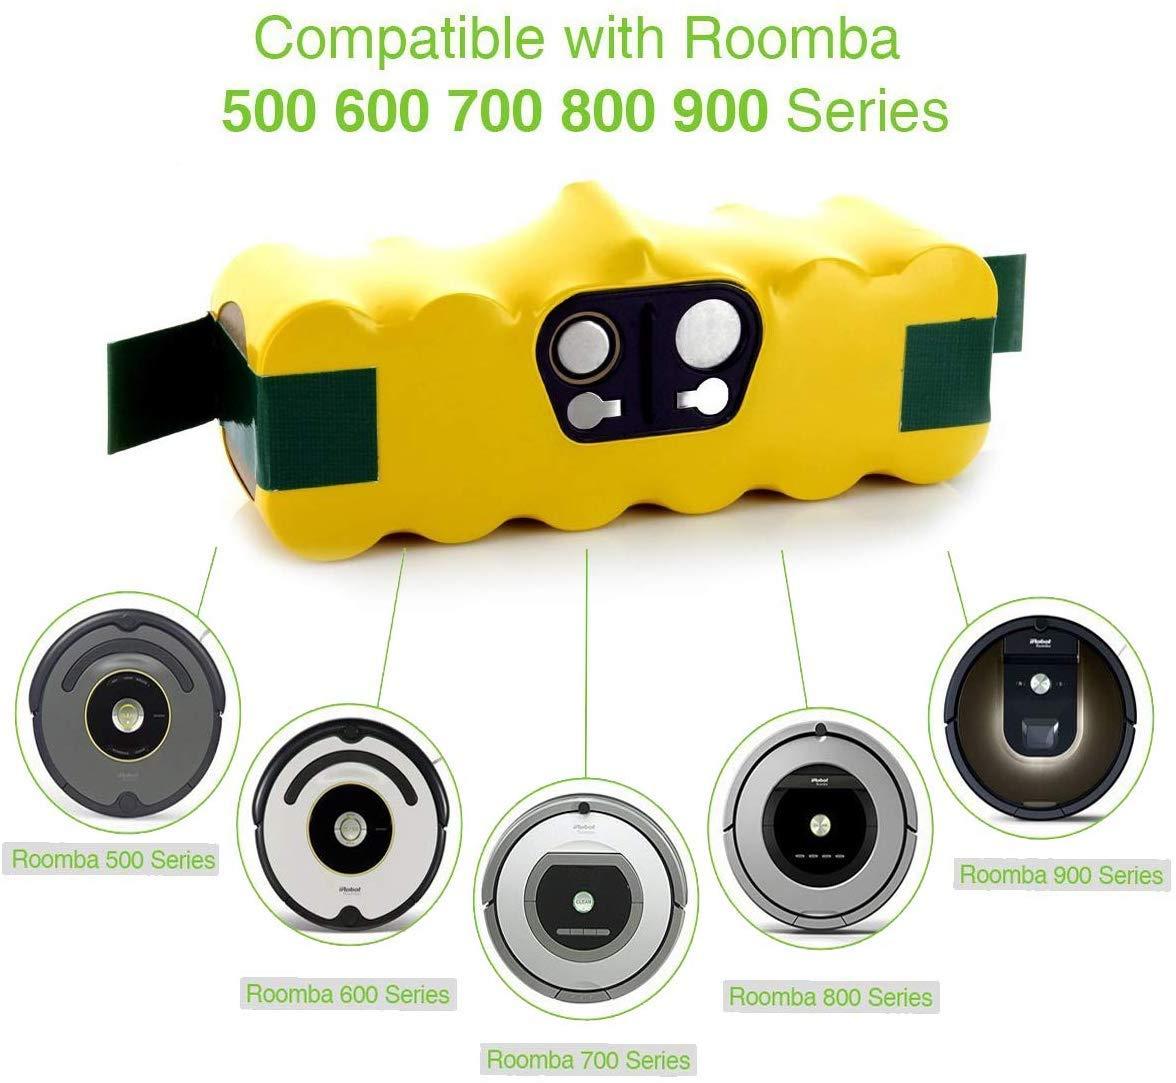 Bater/ía de repuesto de 14.4V 4.5Ah Ni-MH para iRobot Roomba Serie 500 510 510 521 530 531 600 605 610 615 616 620 772 774 776 780 800 865 871 875 Reoben